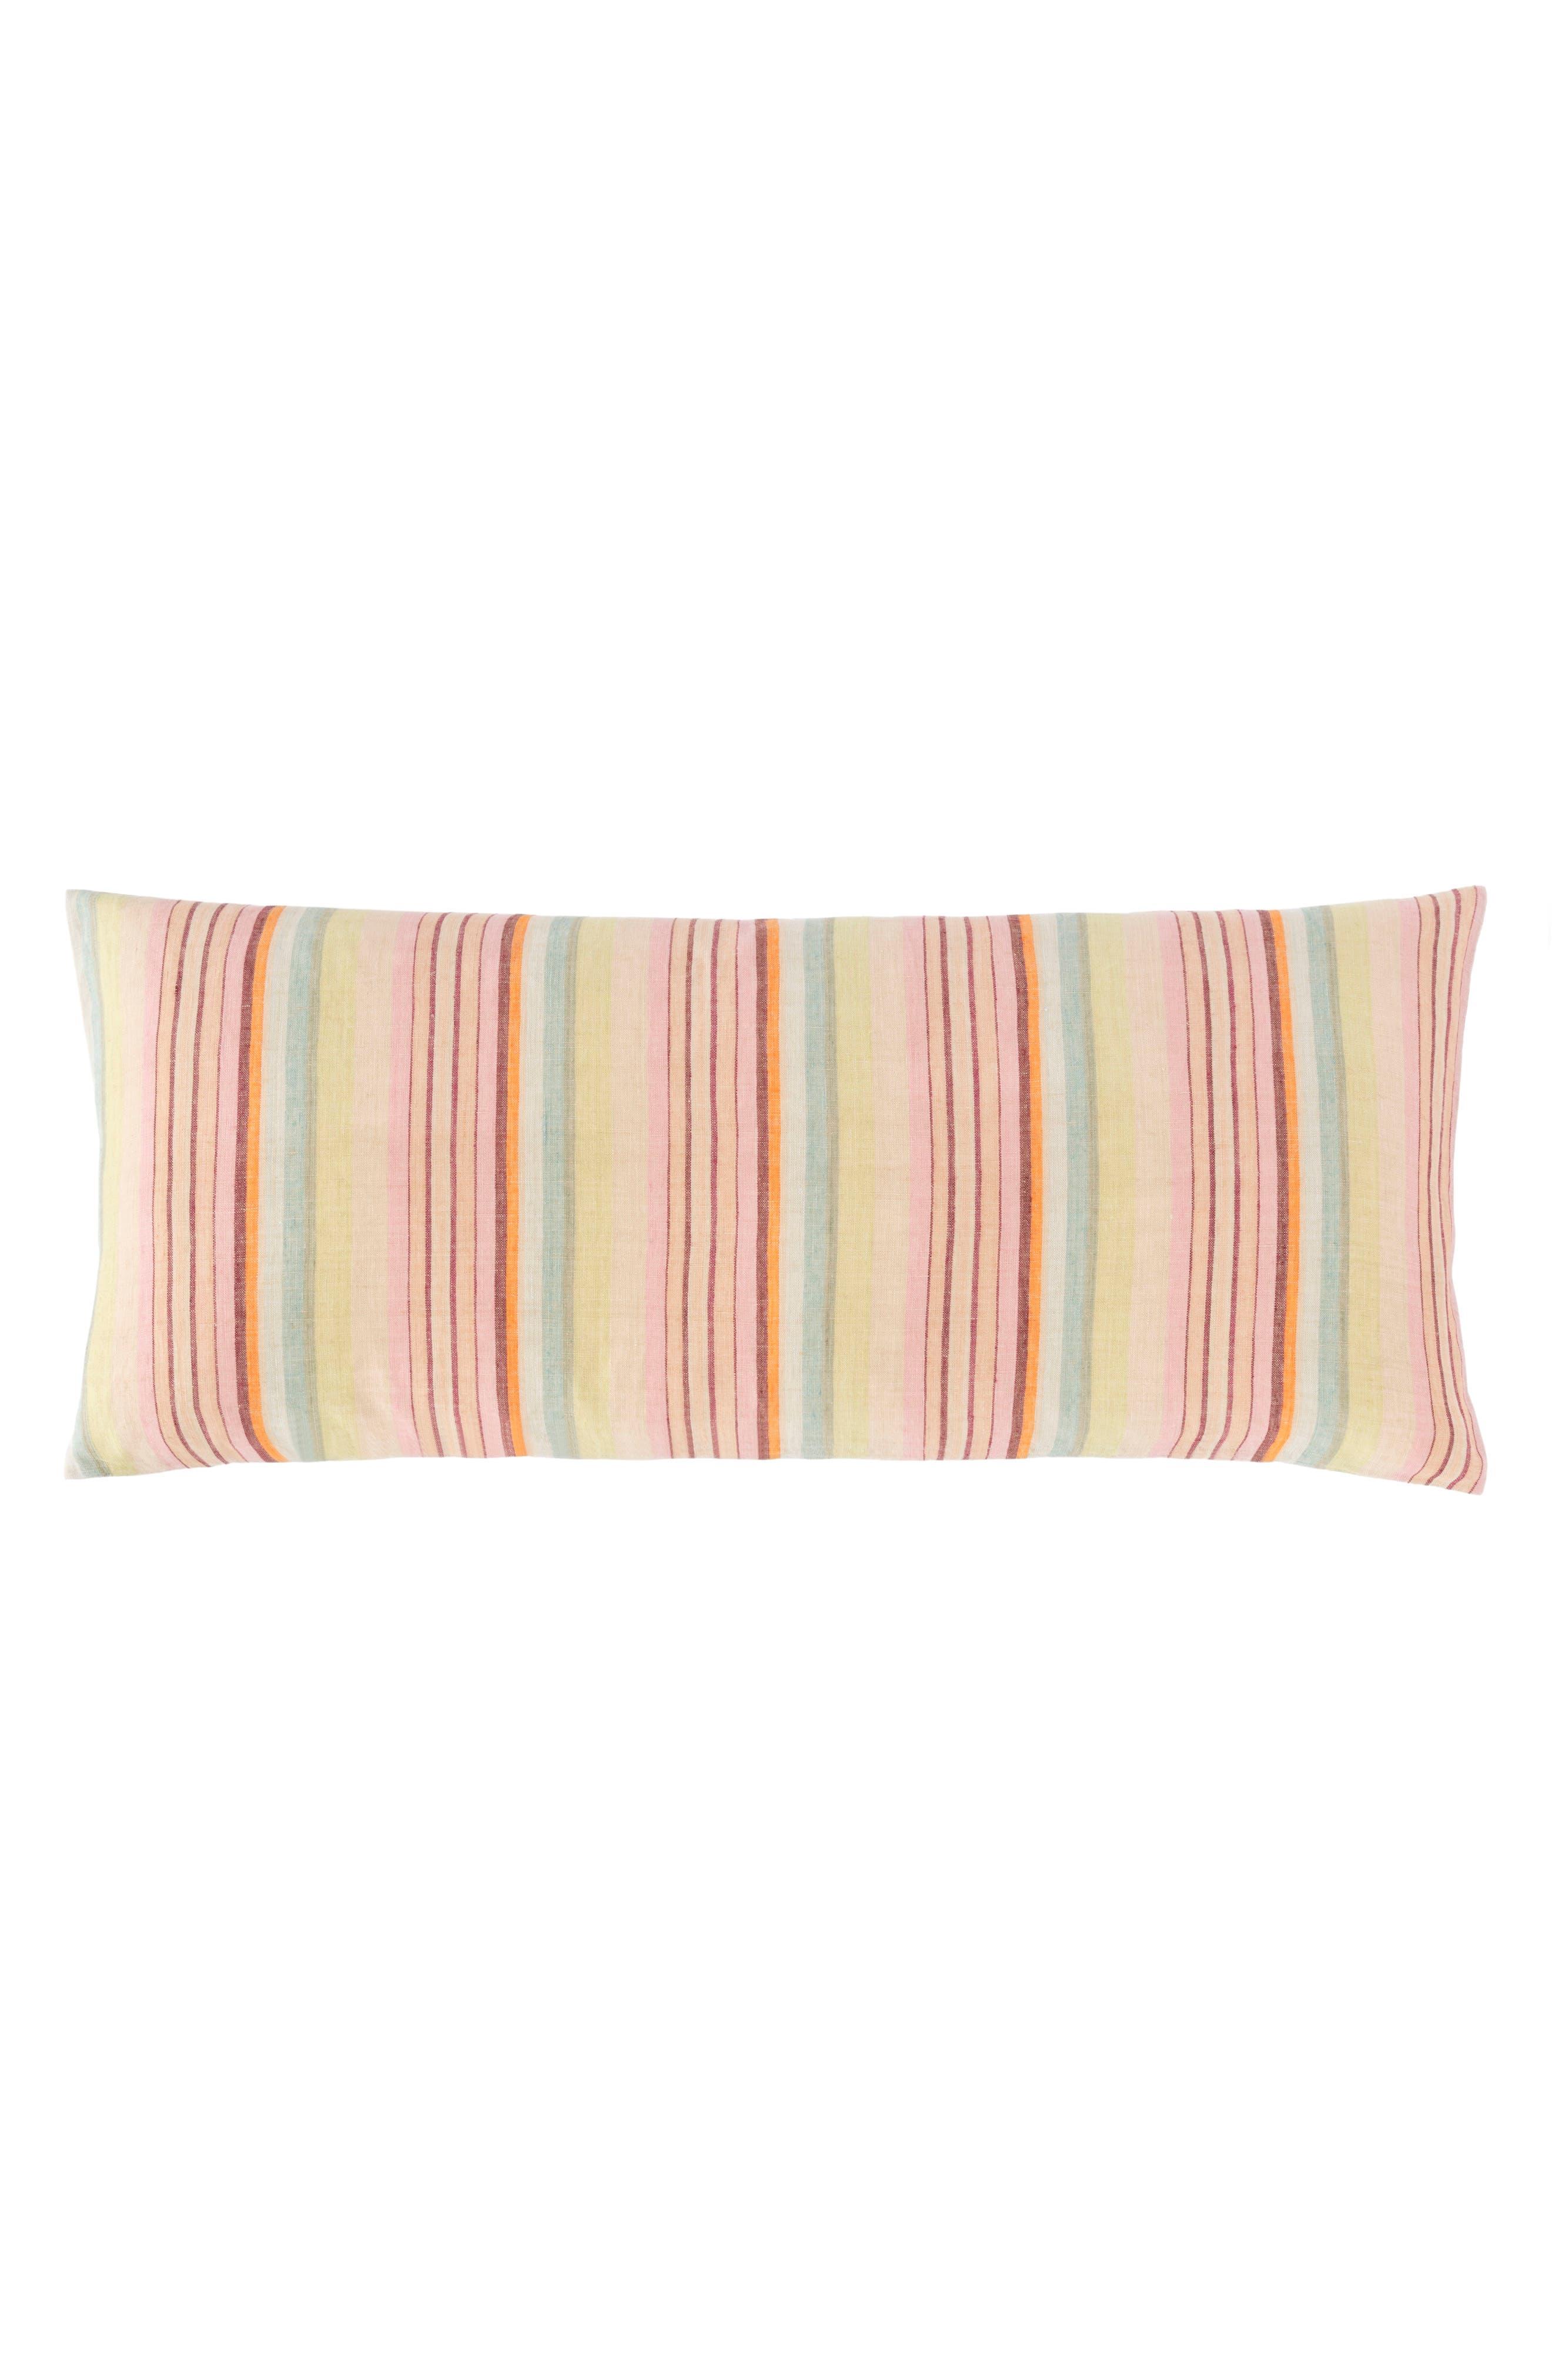 Savona Stripe Linen Accent Pillow,                         Main,                         color, 650